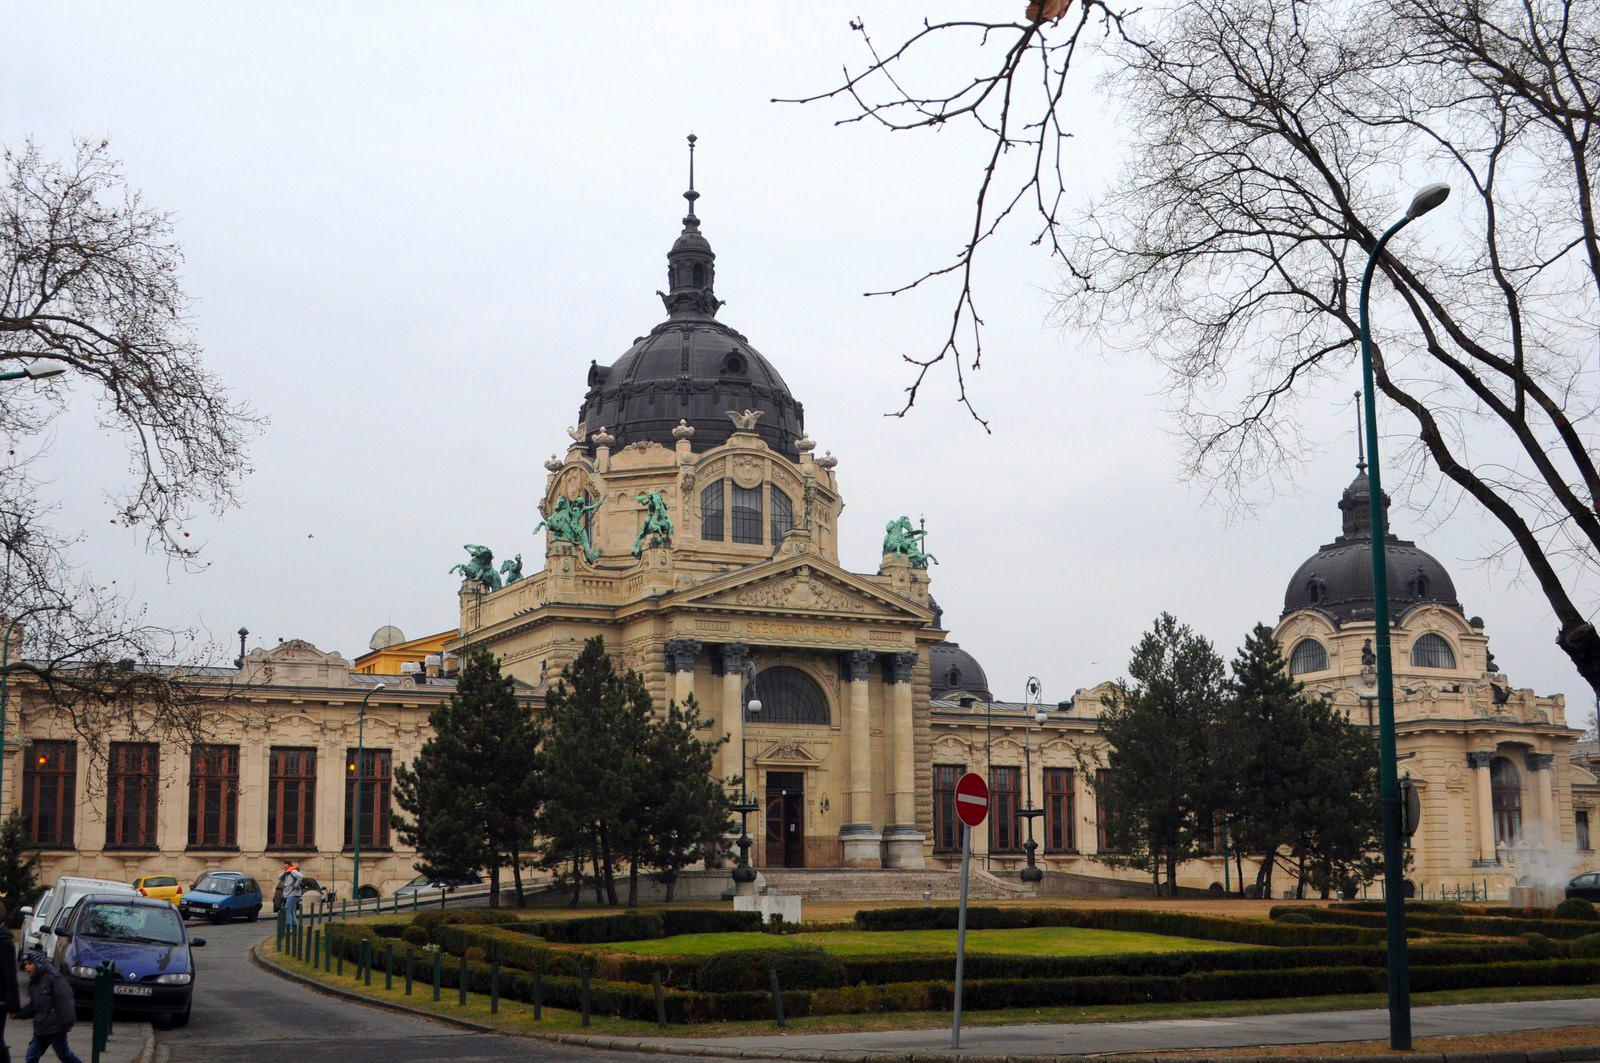 Qué ver en Budapest en un fin de semana: Edificio exterior de los Baños Szechenyi budapest en un fin de semana - 21234262380 46fa320b96 o - Qué ver en Budapest en un fin de semana